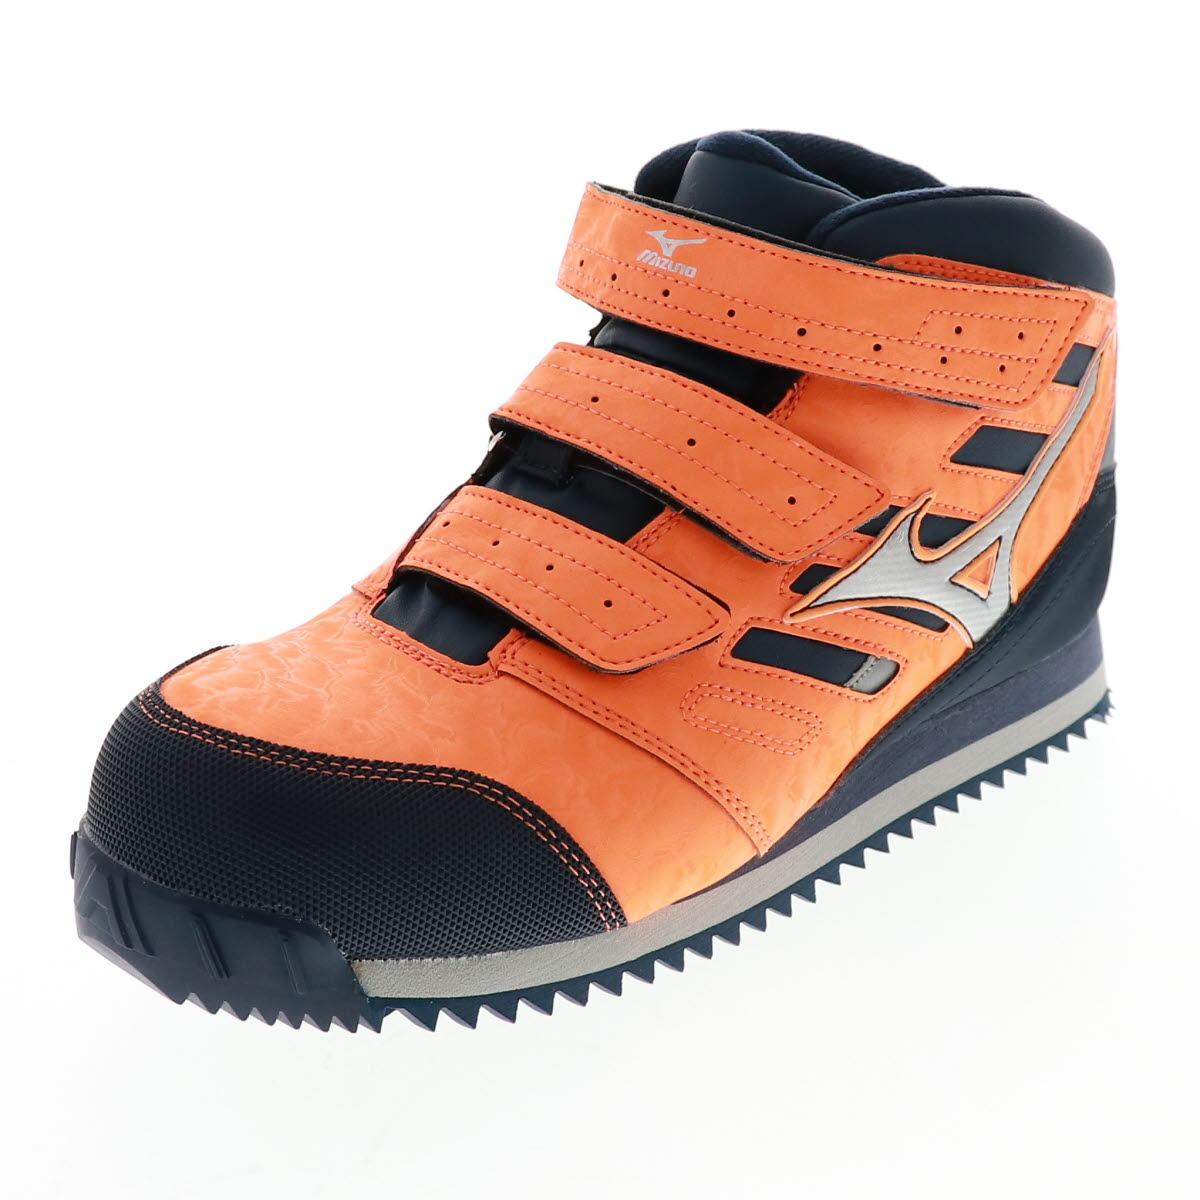 MIZUNO ミズノ 安全靴 メンズ スニーカー 芯入り F1GA180454 ミッドタイプ 作業靴 プロテクティブスニーカー ALMIGHTY WT オレンジ×シルバー×ネイビー オールマイテWTMD OR/NV